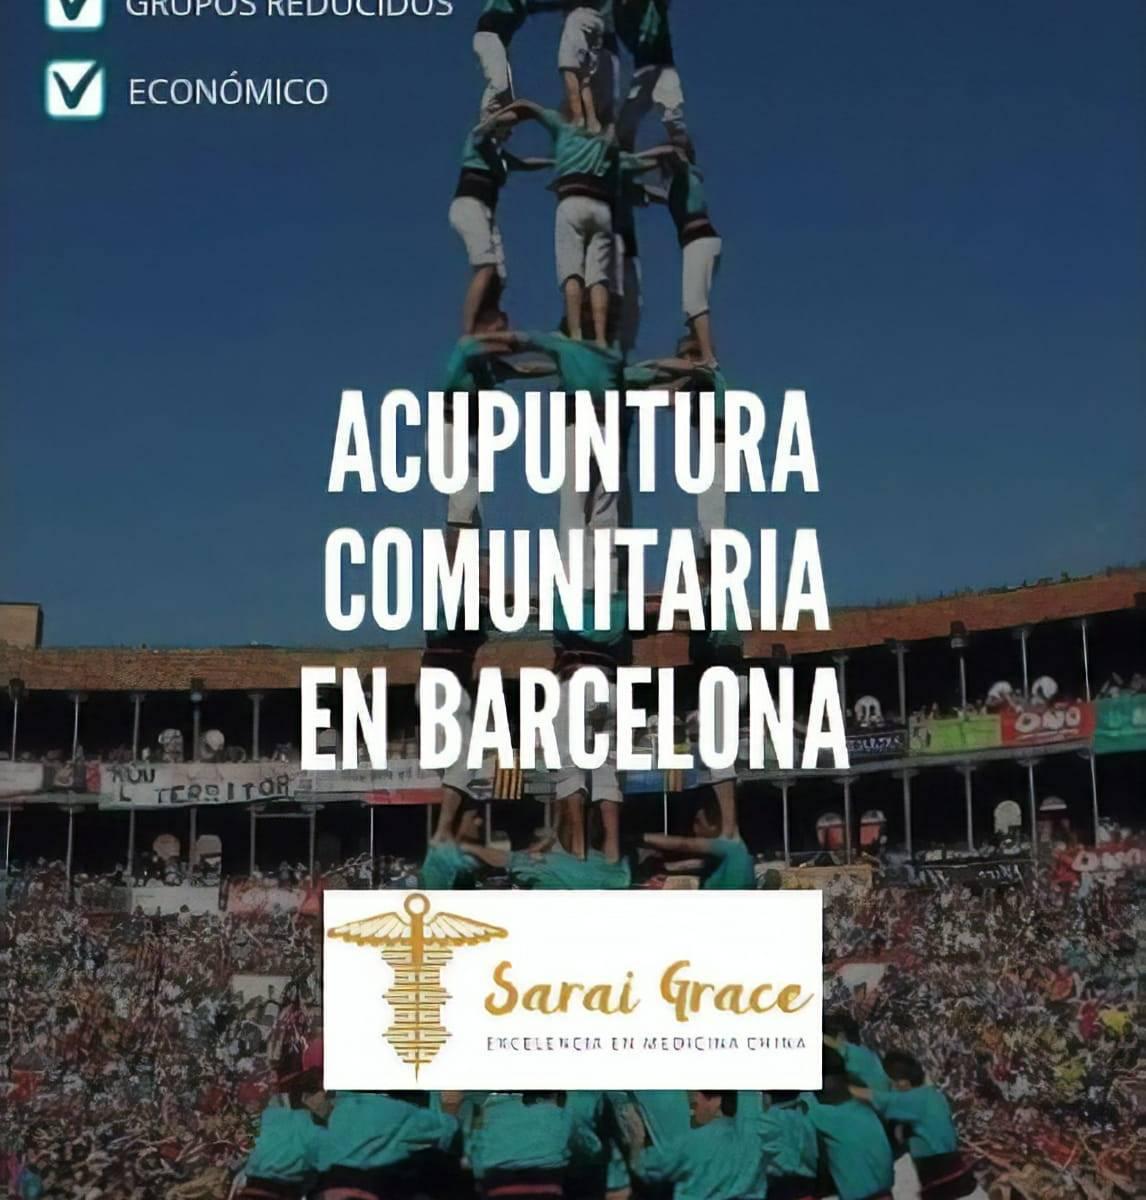 Acupuntura Comunitaria en Barcelona - Flyer